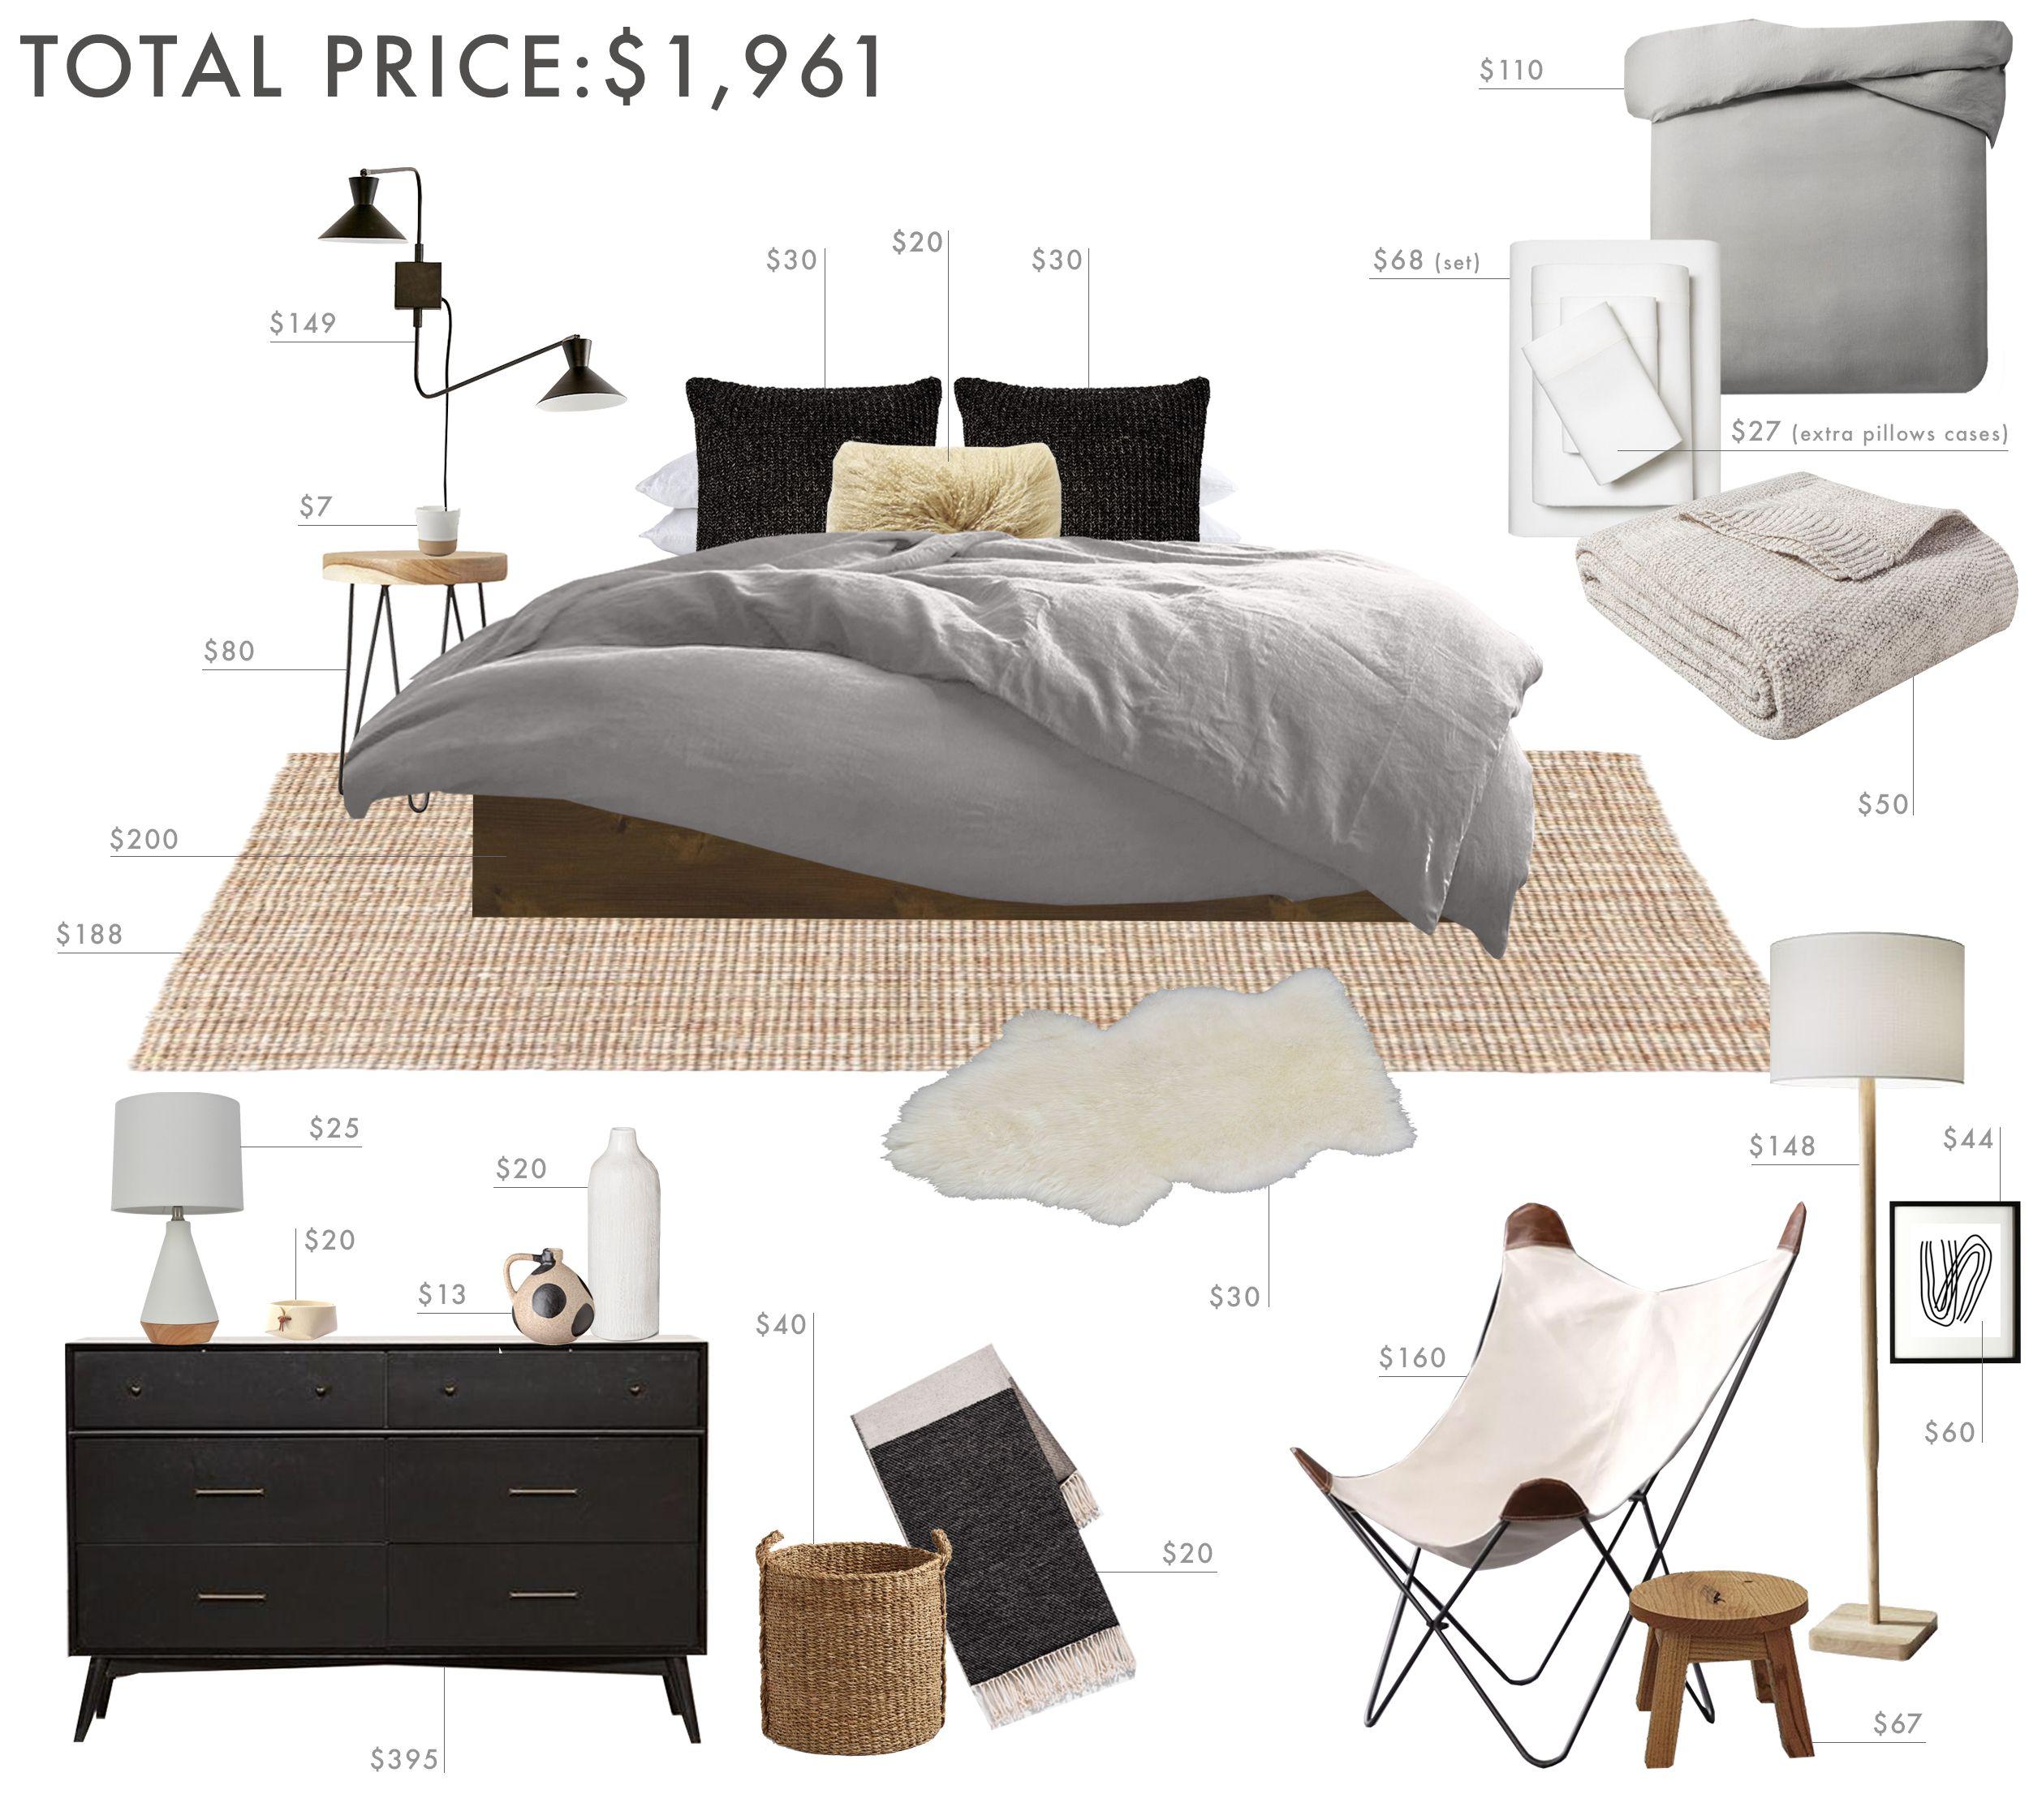 Emily Henderson Budget Room Bedroom Rustic Scandinavian Under 2k 1 In 2020 Guest Bedroom Decor Romantic Bedroom Decor Bedroom Design